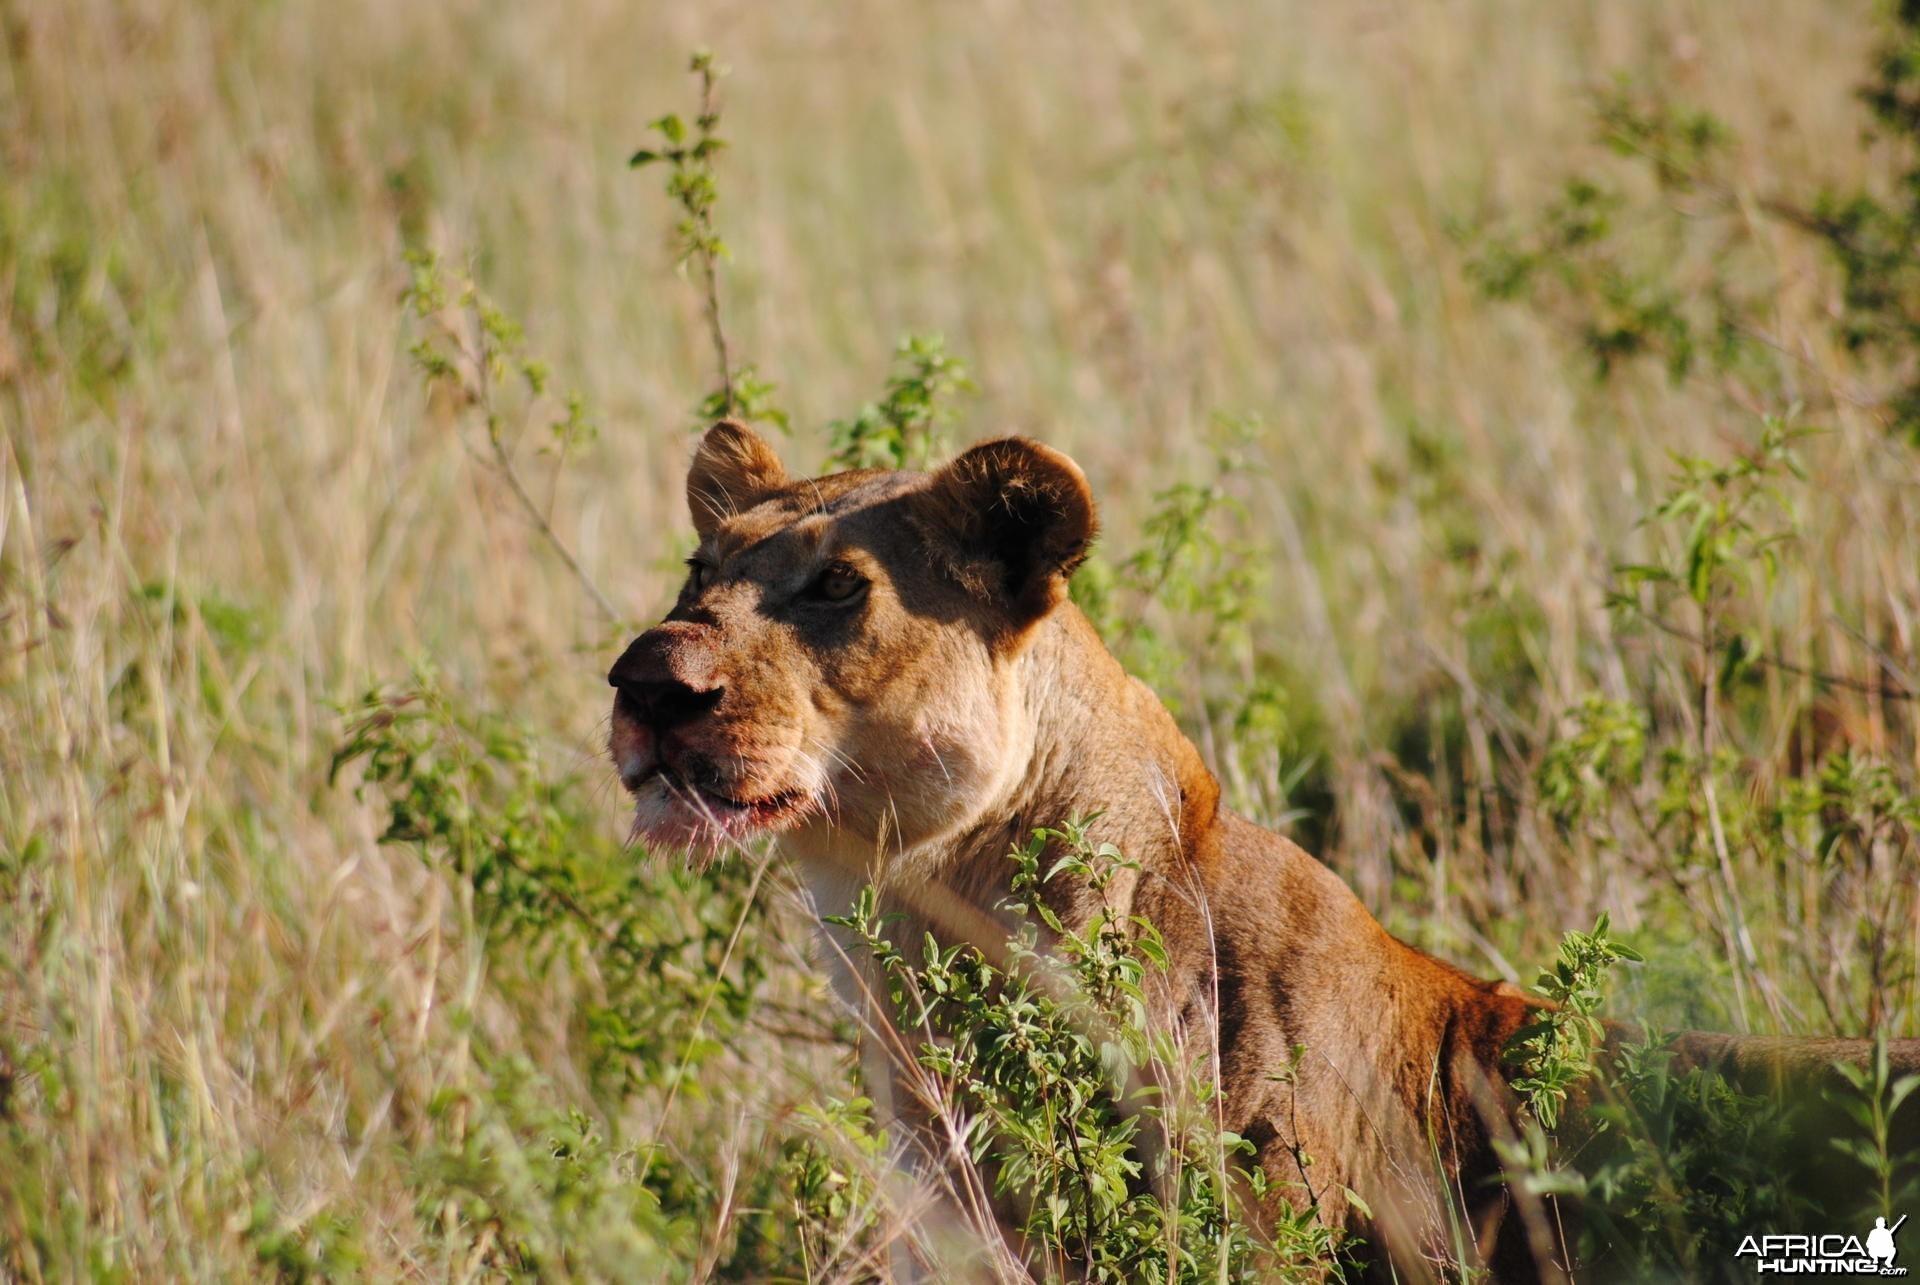 Lioness Masaai Mara in Kenya